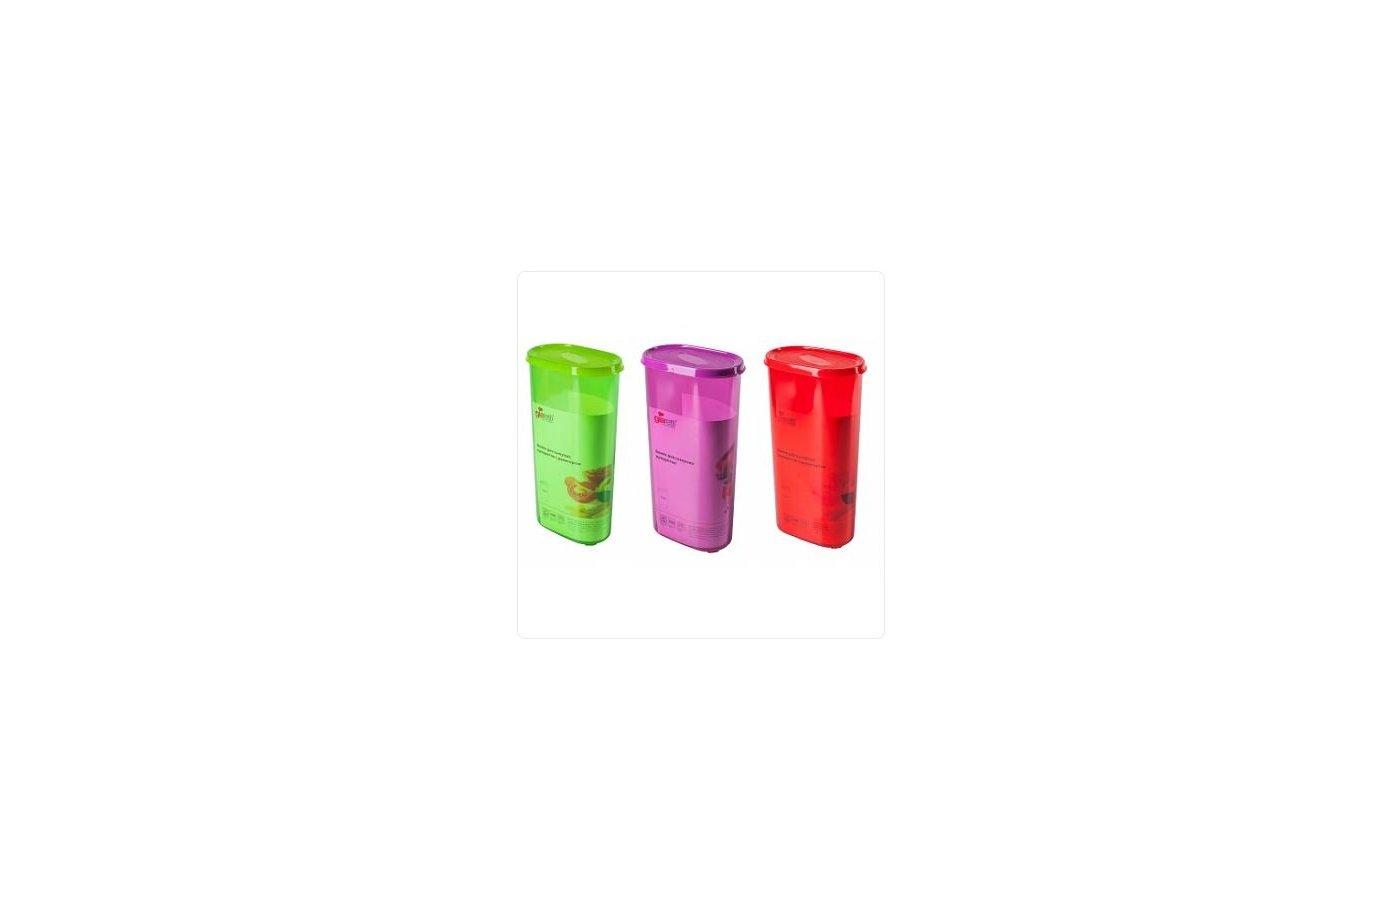 контейнеры для продуктов Plastic Centre ПЦ2229 Банка для сыпучих продуктов Galaxy 2.4л